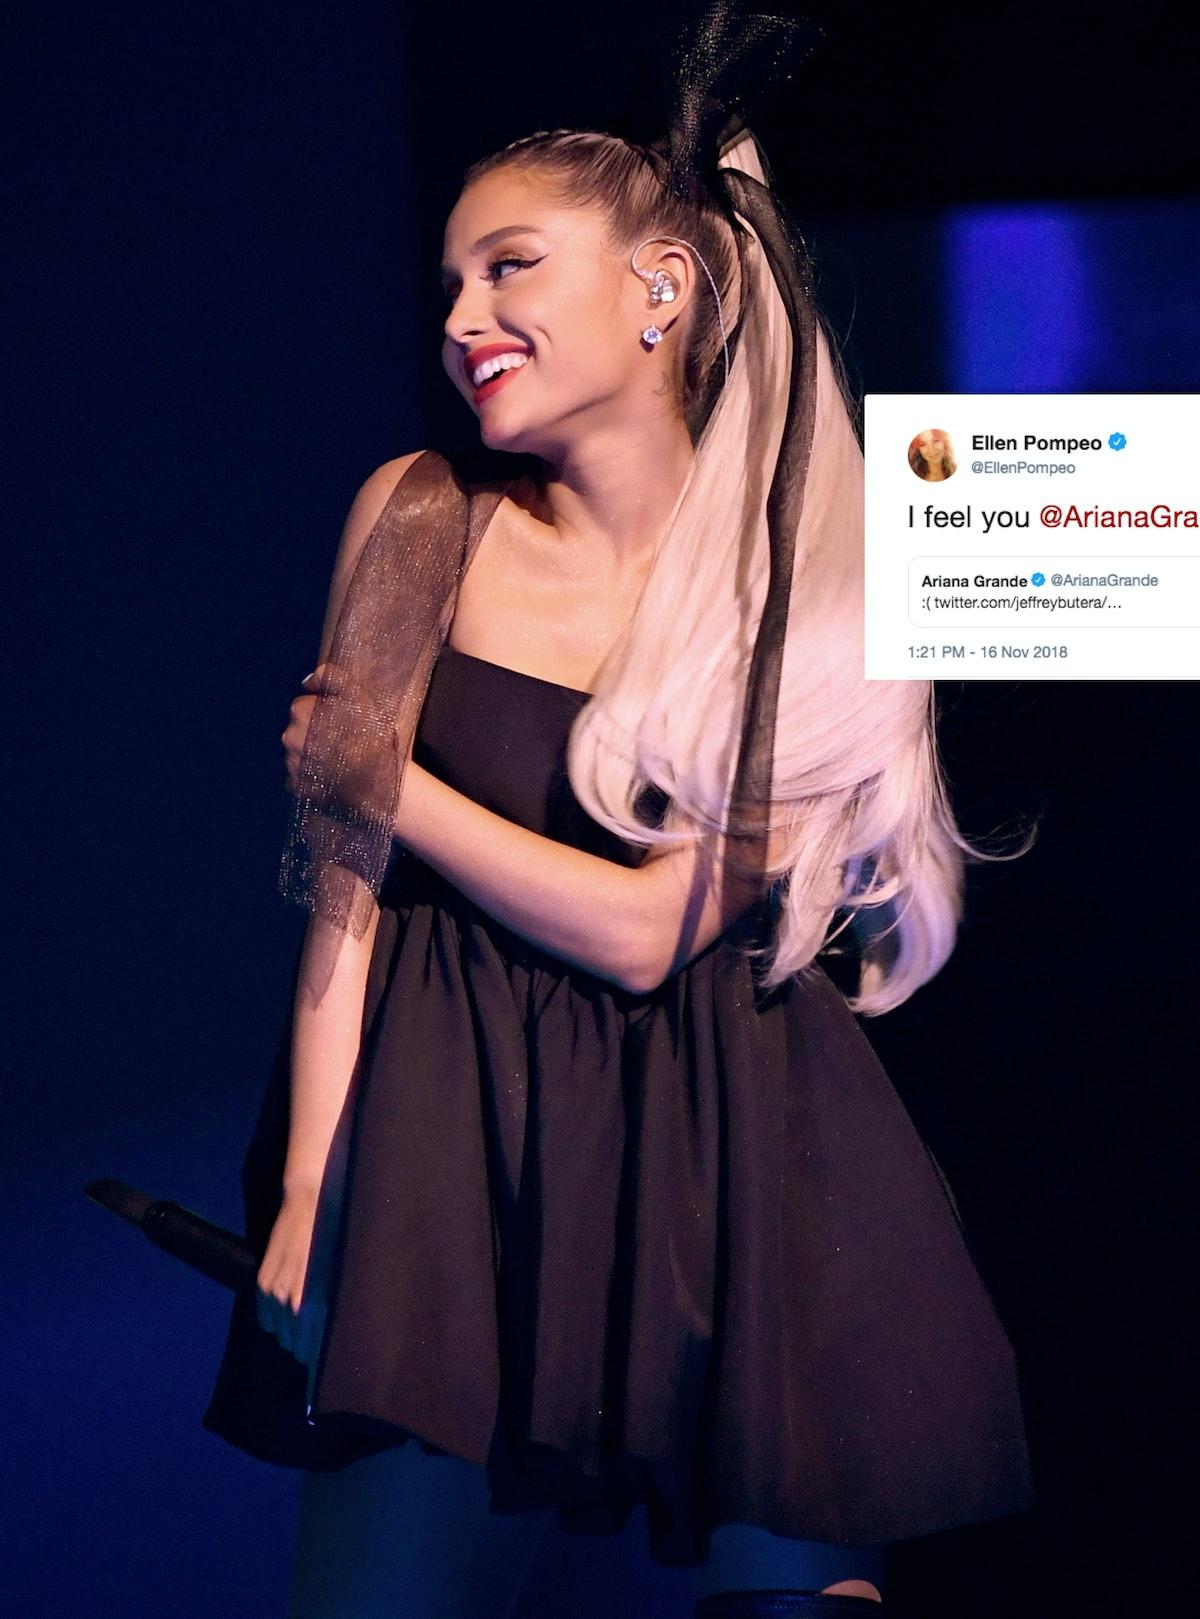 """Ariana Grande's """"Thank U, Next"""" Meme About 'Grey's Anatomy' Got The Best Response From Ellen Pompeo Herself"""